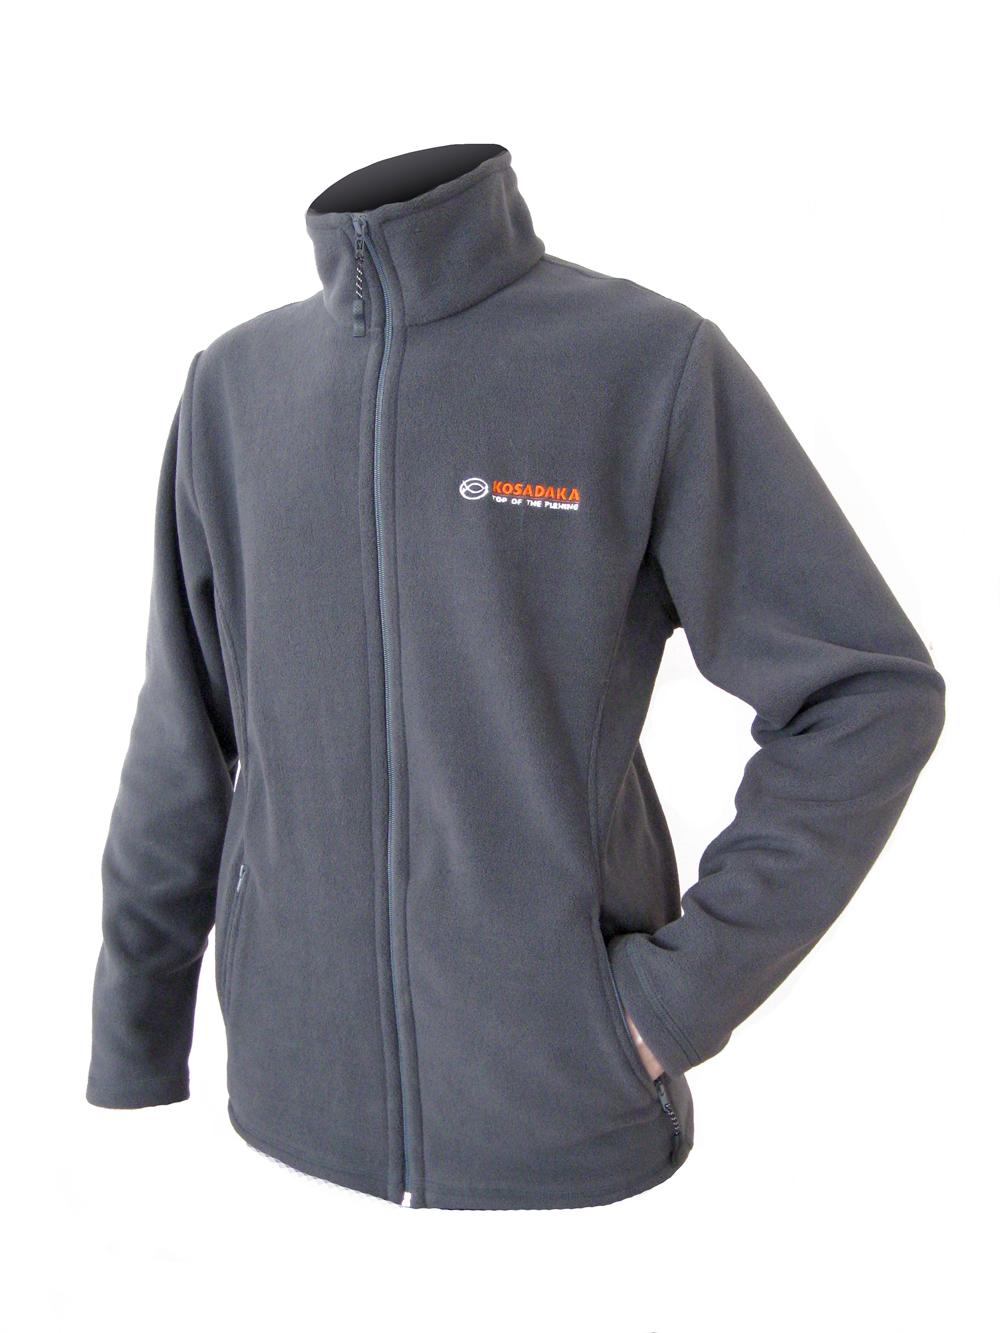 Куртка флисовая Kosadaka JF02 серая L/48-50